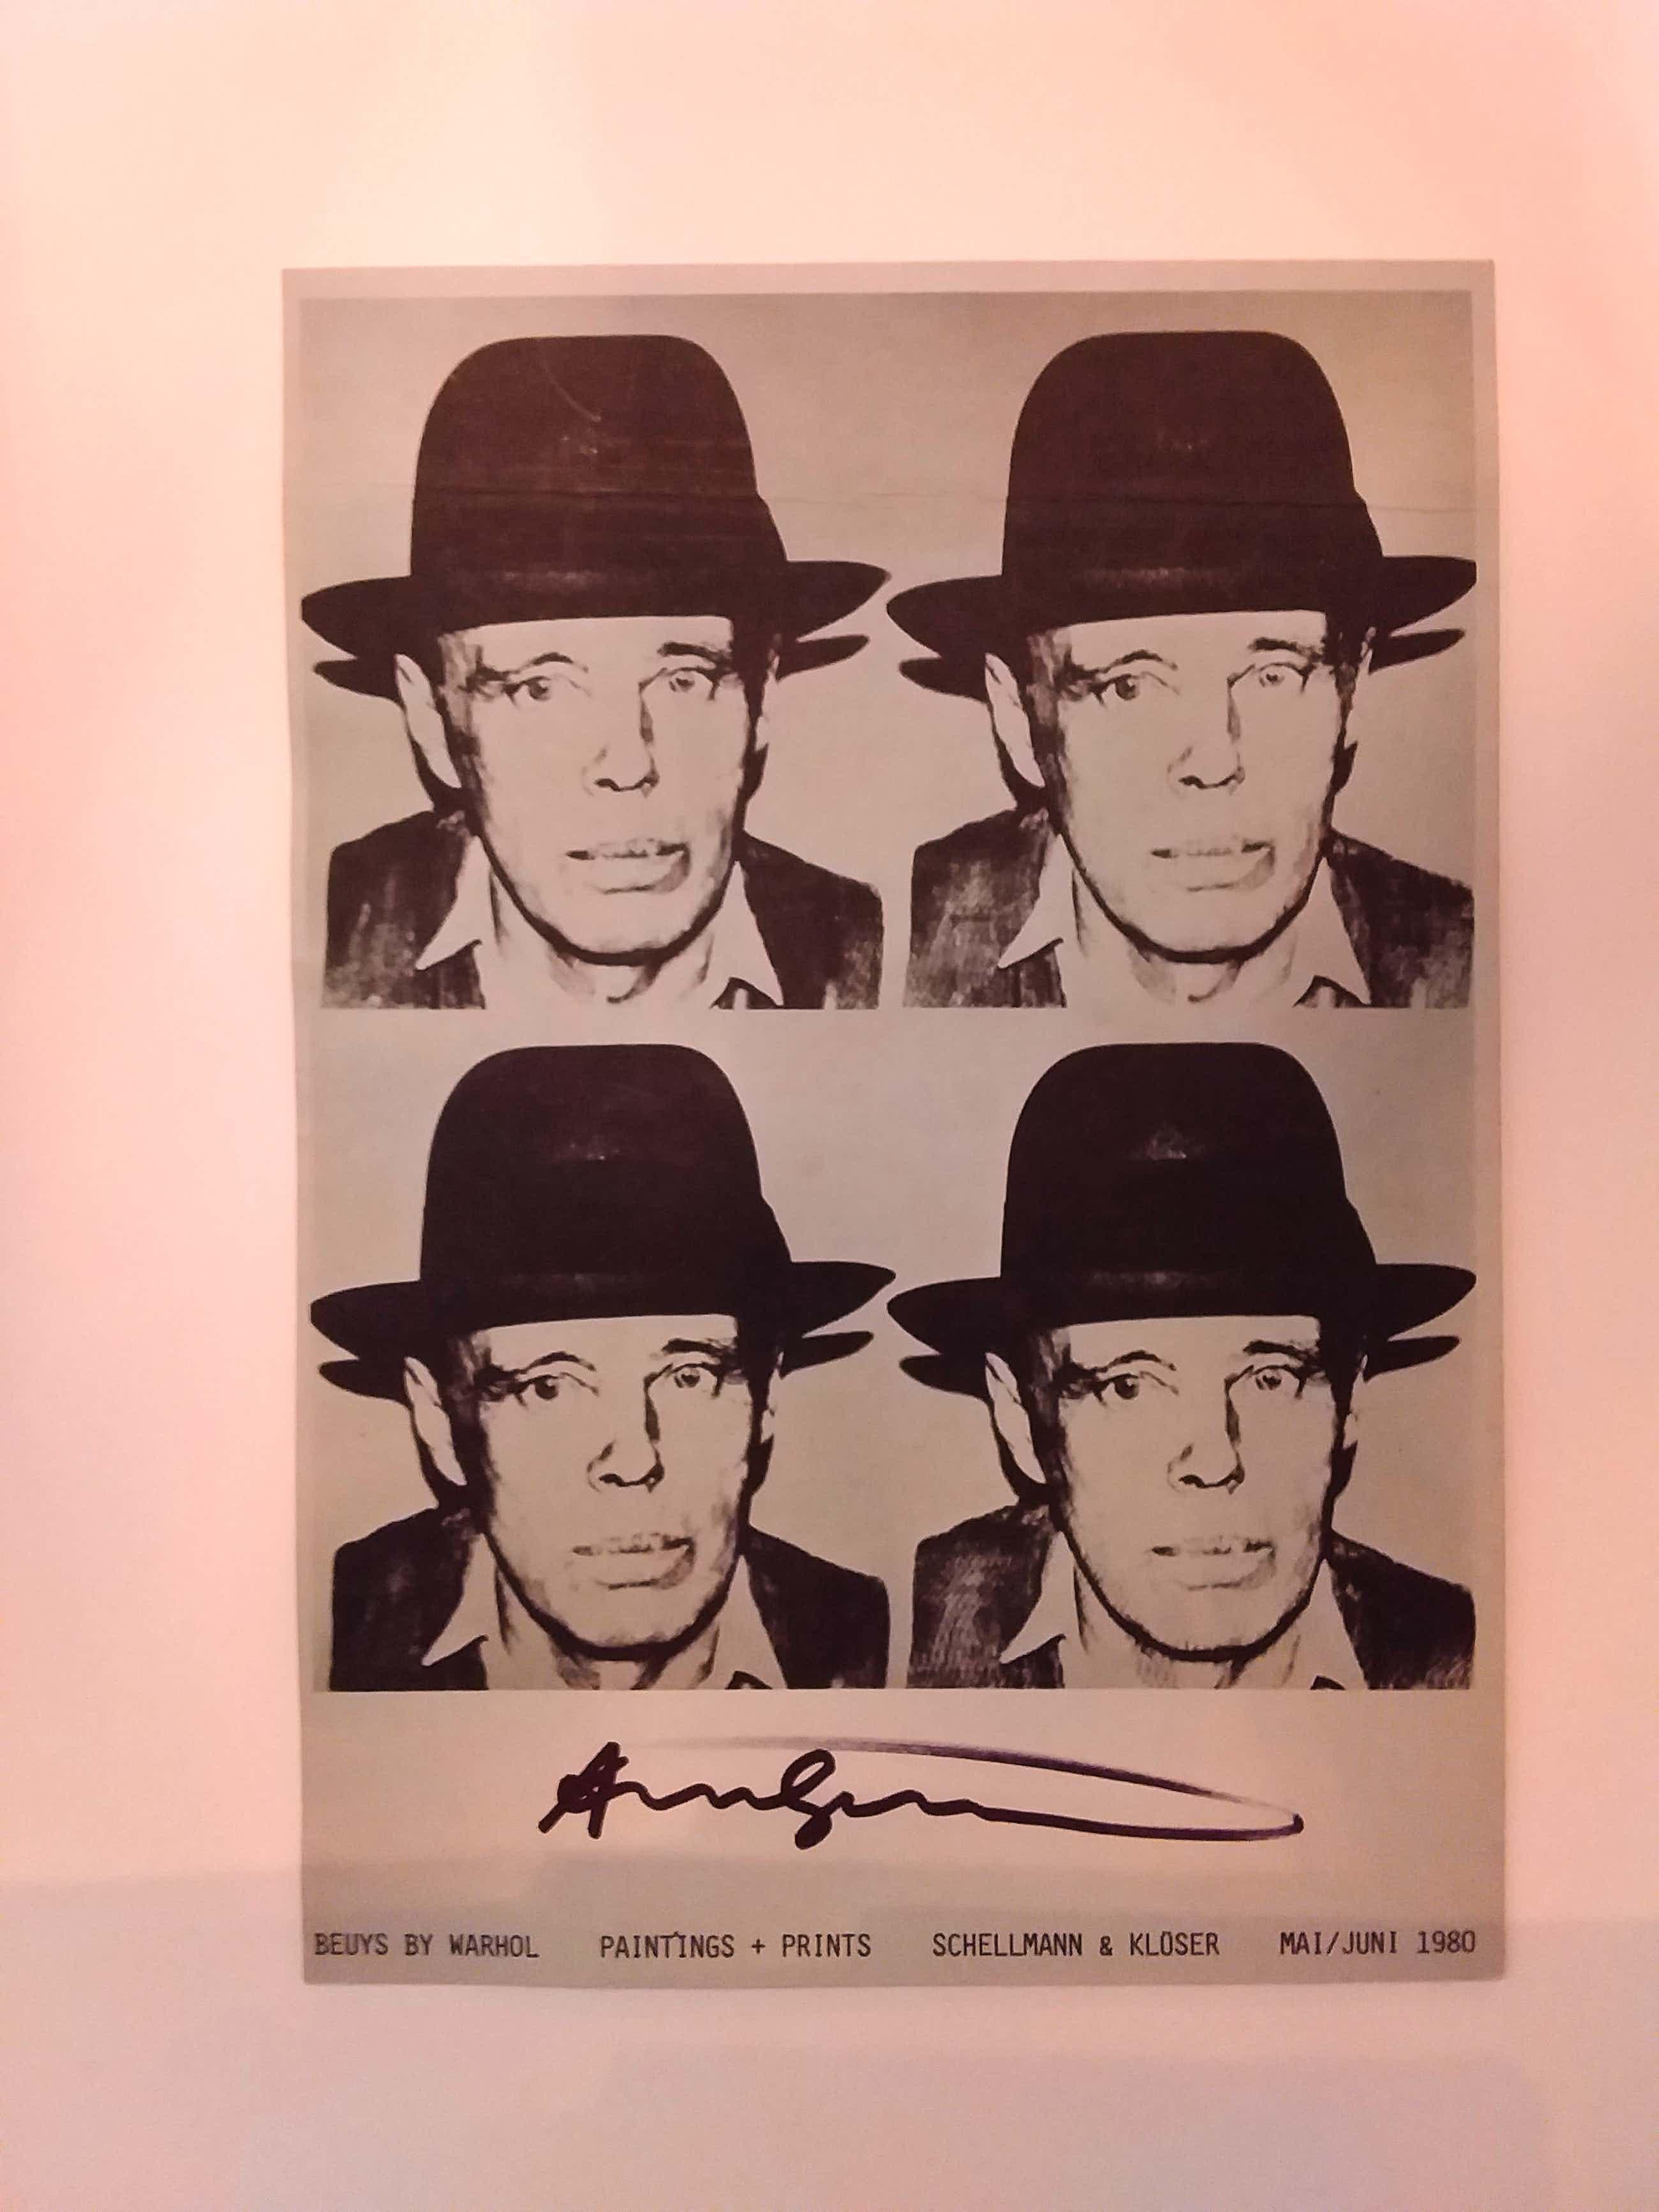 Andy Warhol - Beuys by Warhol kopen? Bied vanaf 900!